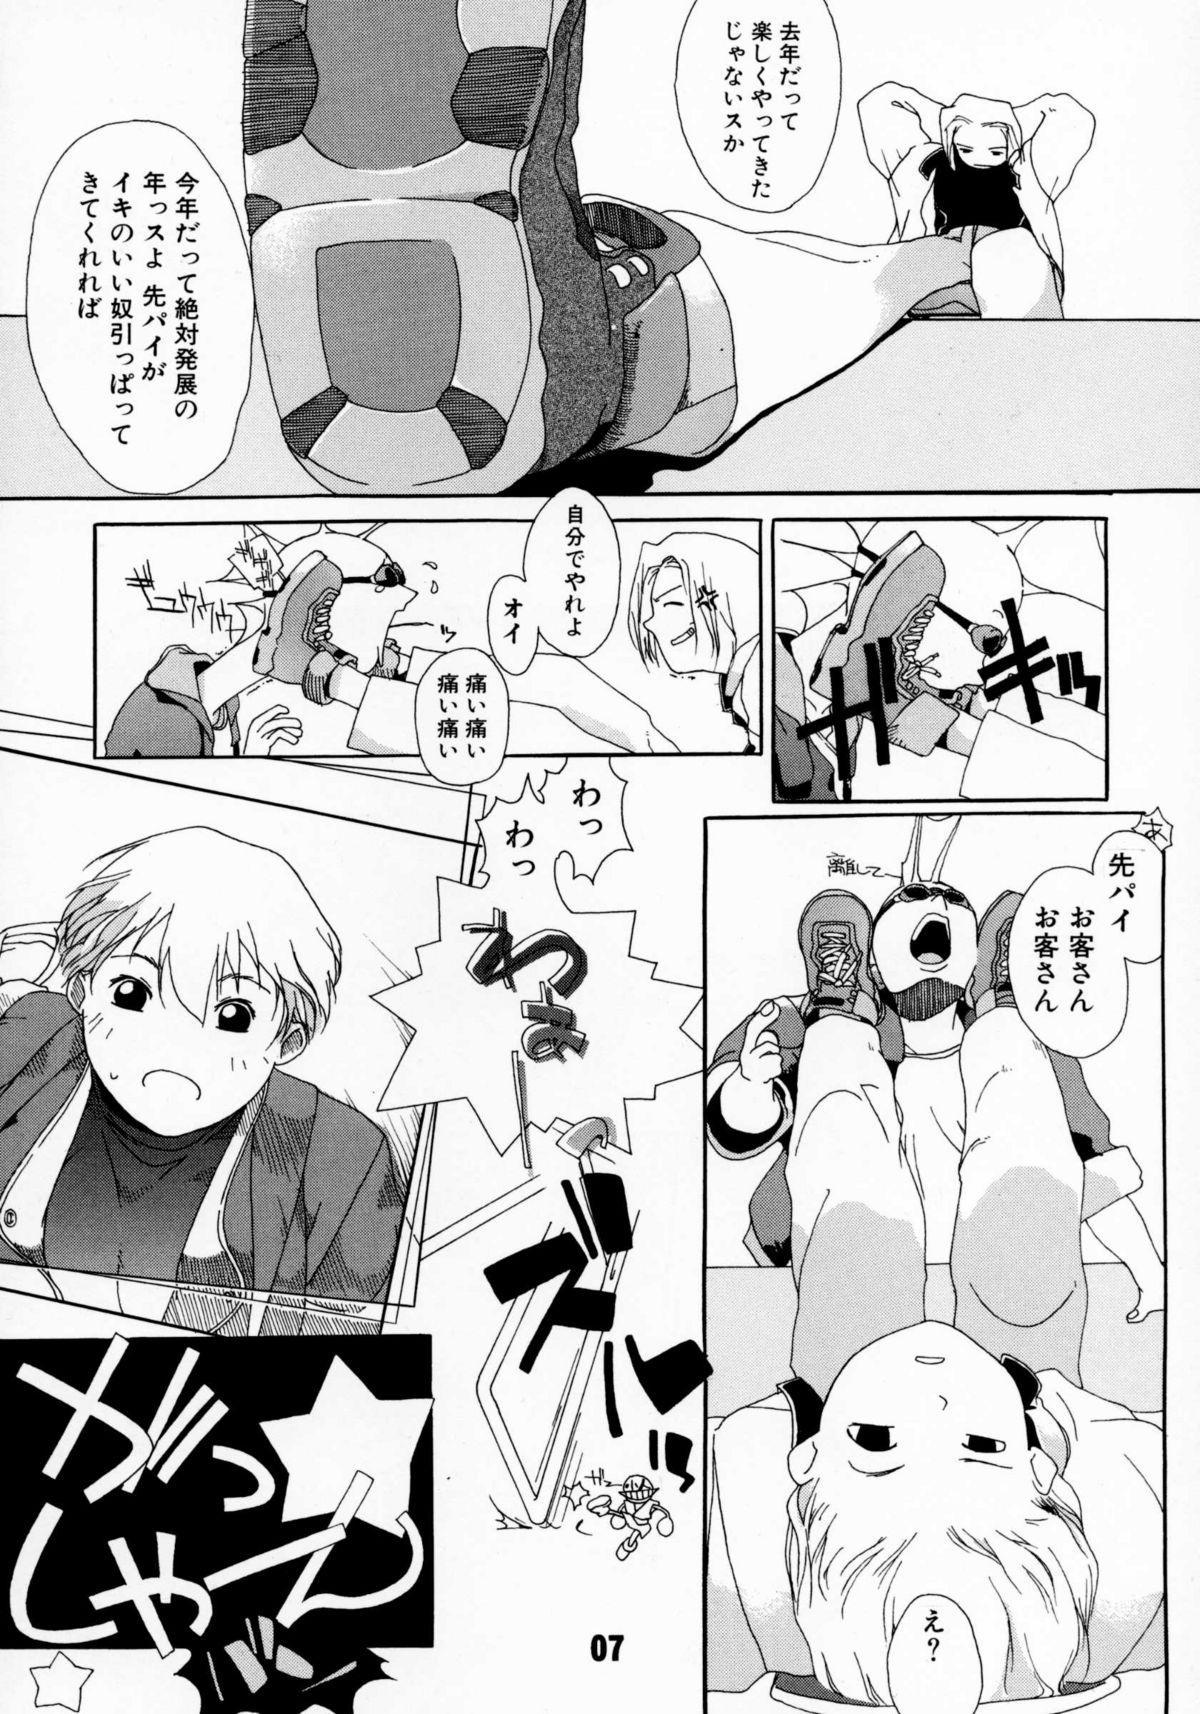 Tanpatsu Yuugi 7